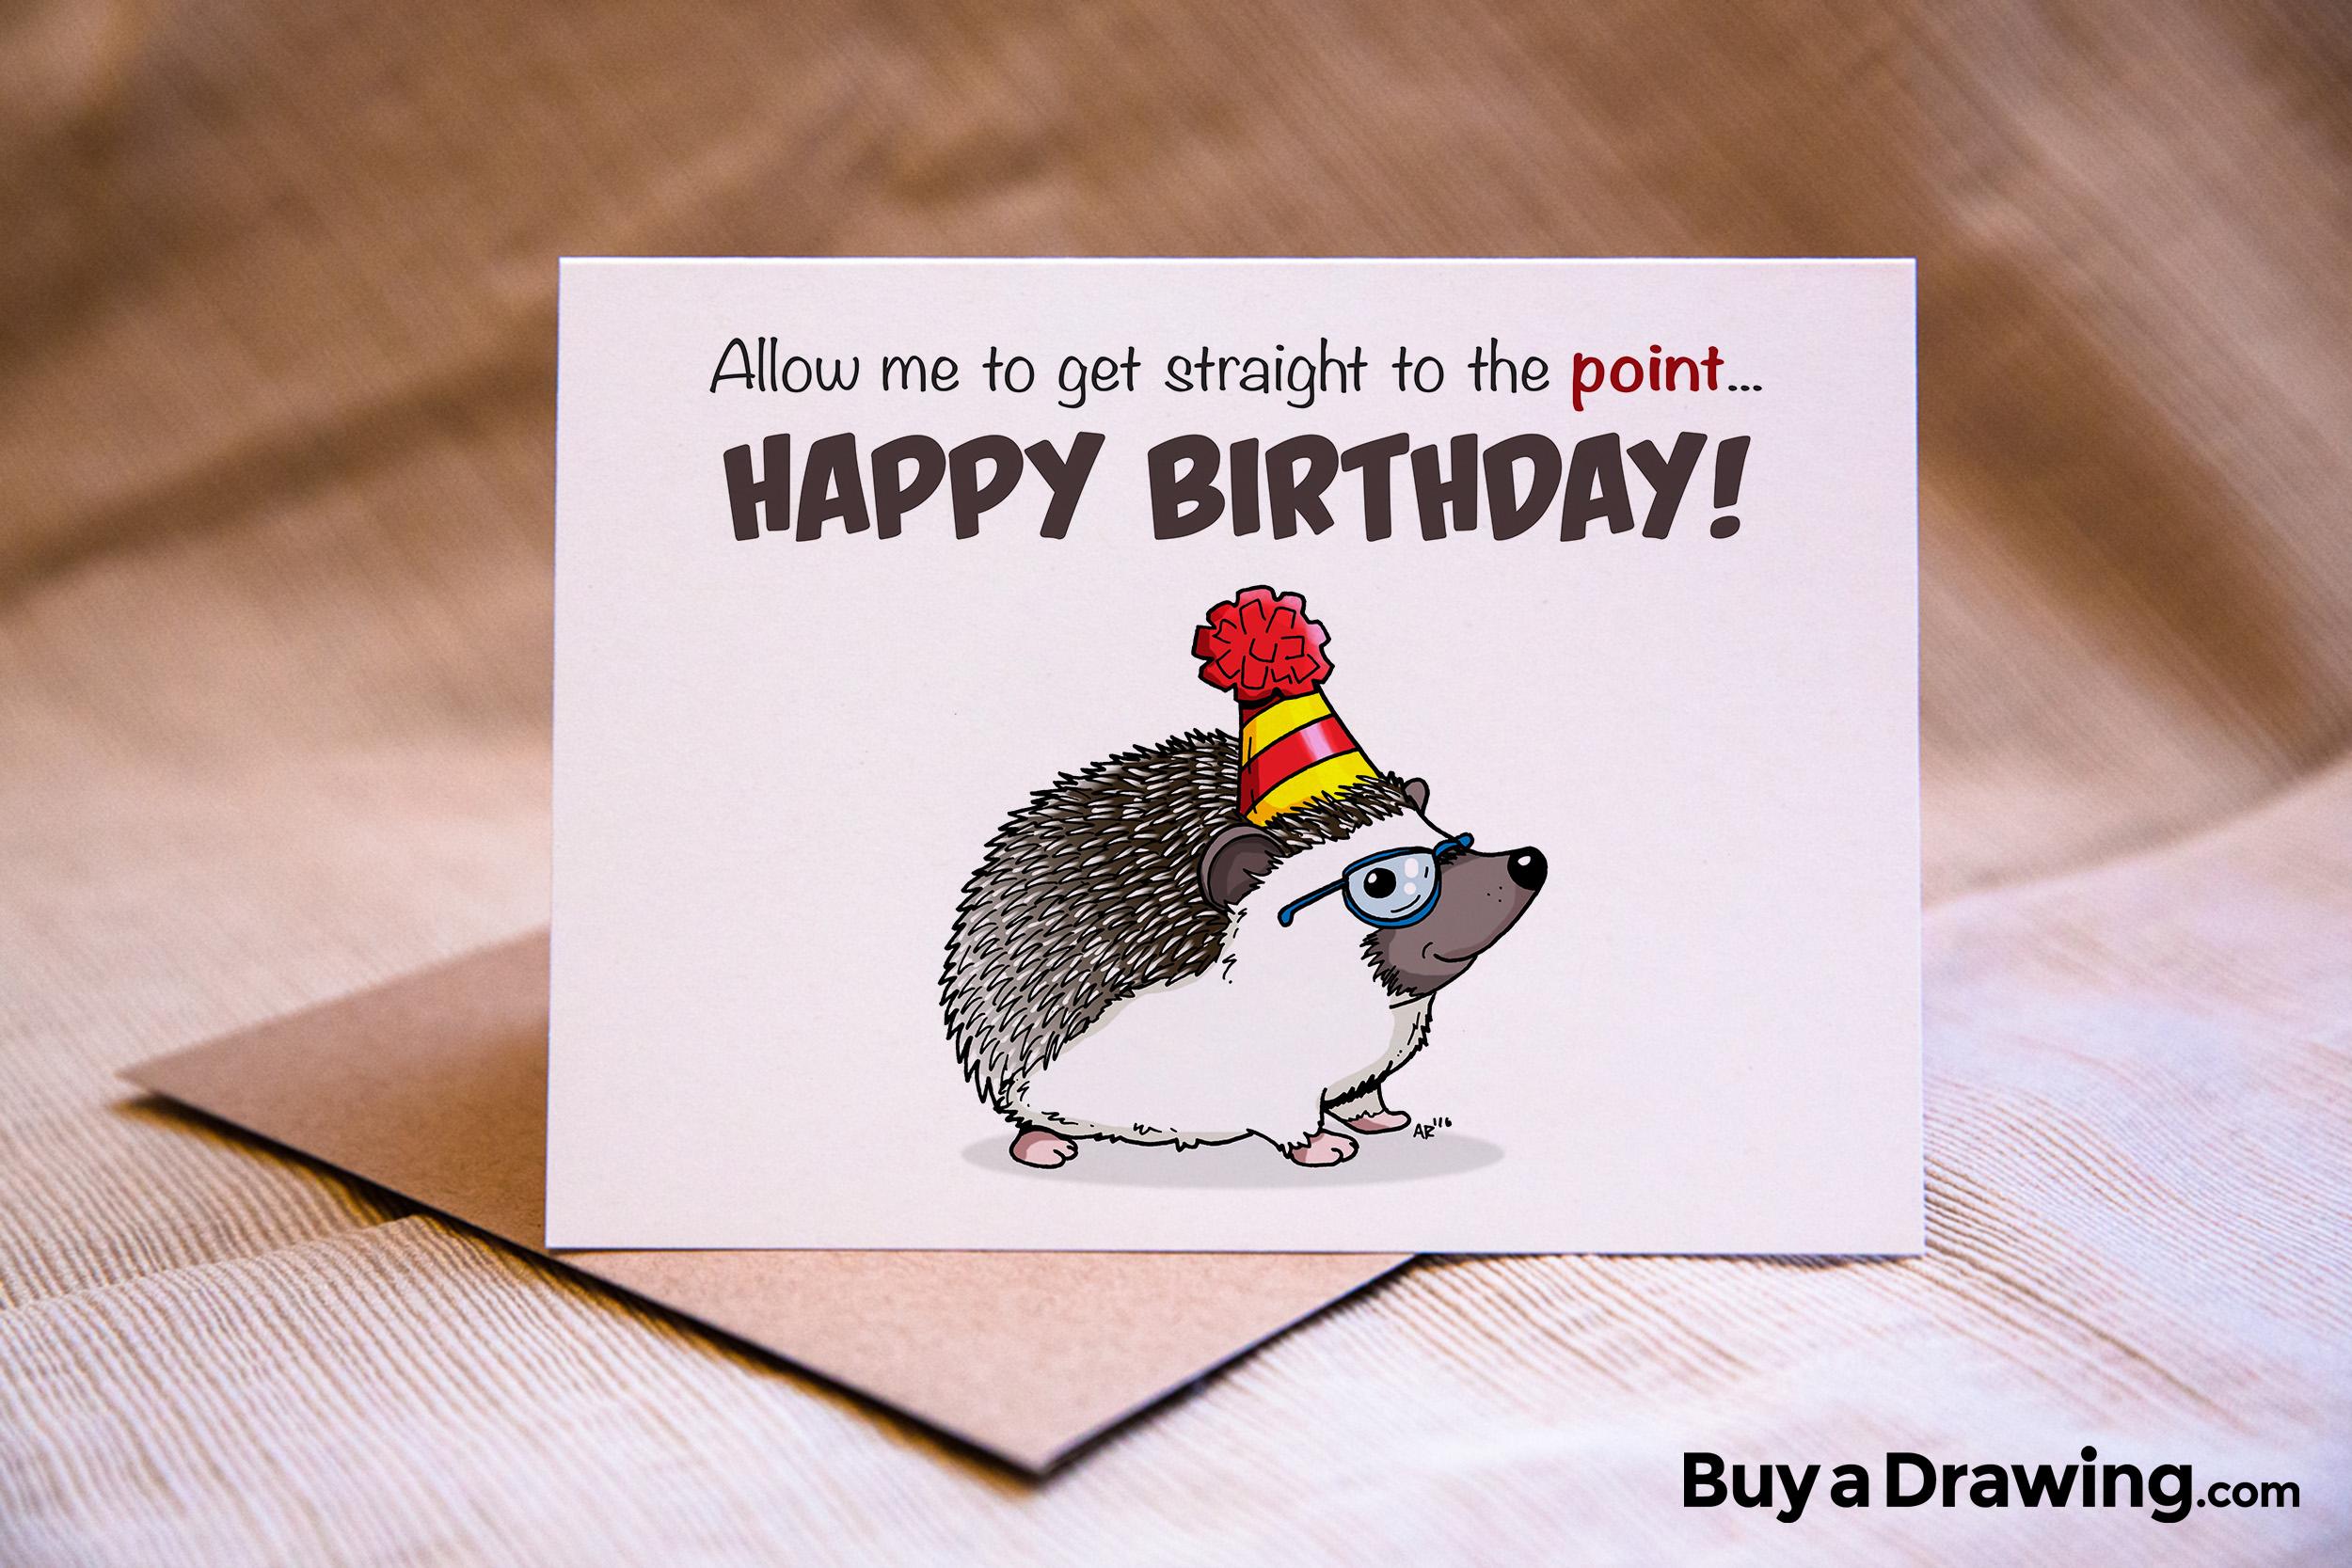 Drawn hedgehog happy birthday Get Hedgehog Get Birthday Card